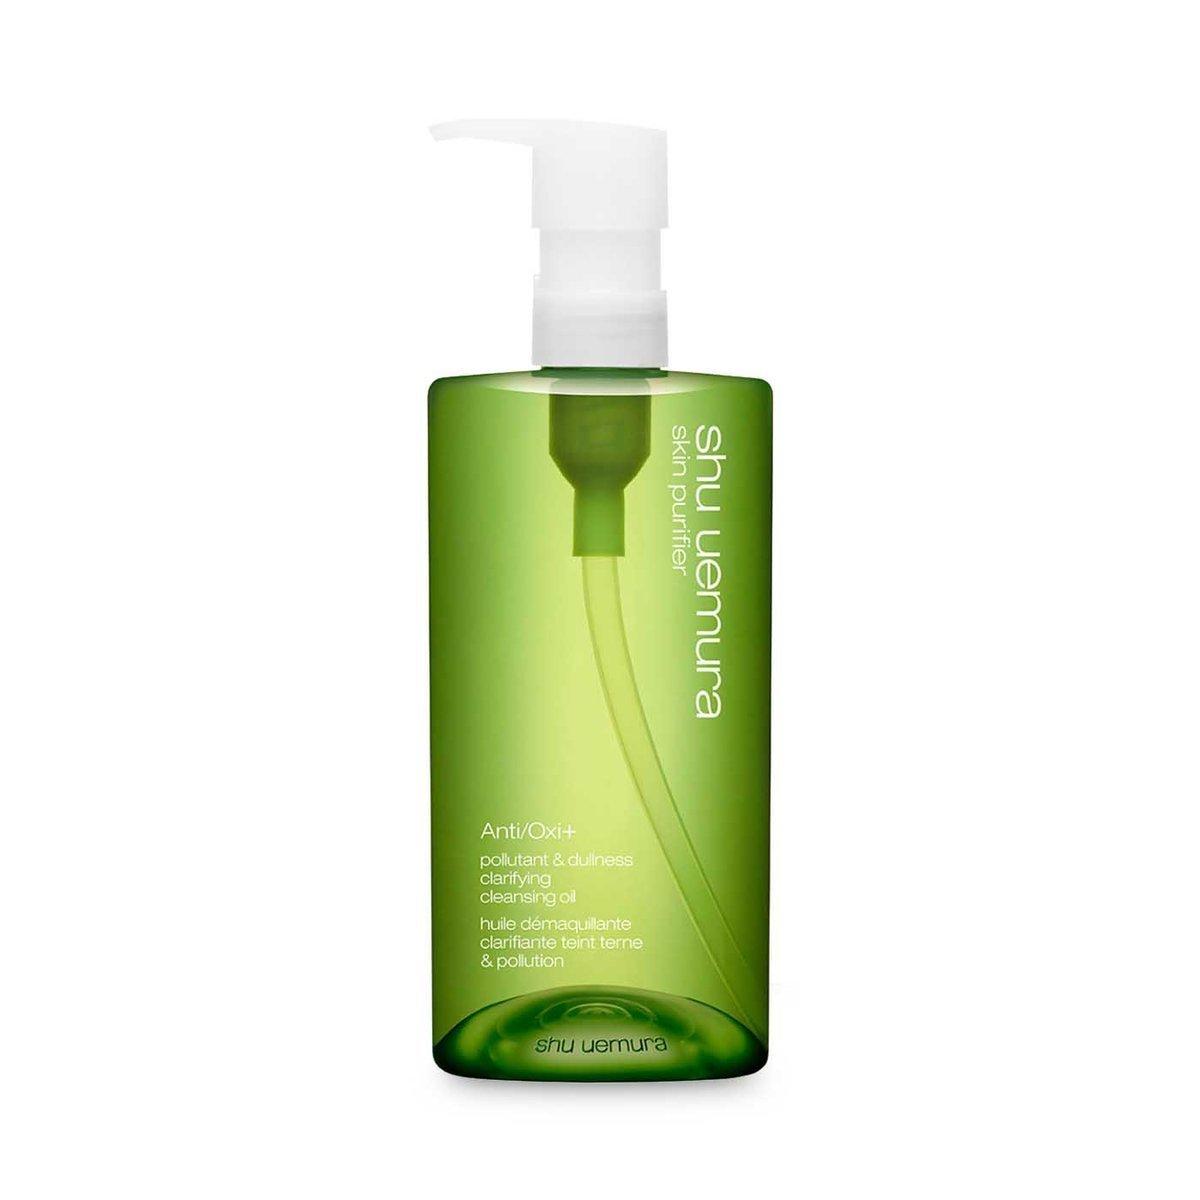 植村秀 - Anti/Oxi+ 綠茶抗氧化潔顏油/卸妝油 450ml